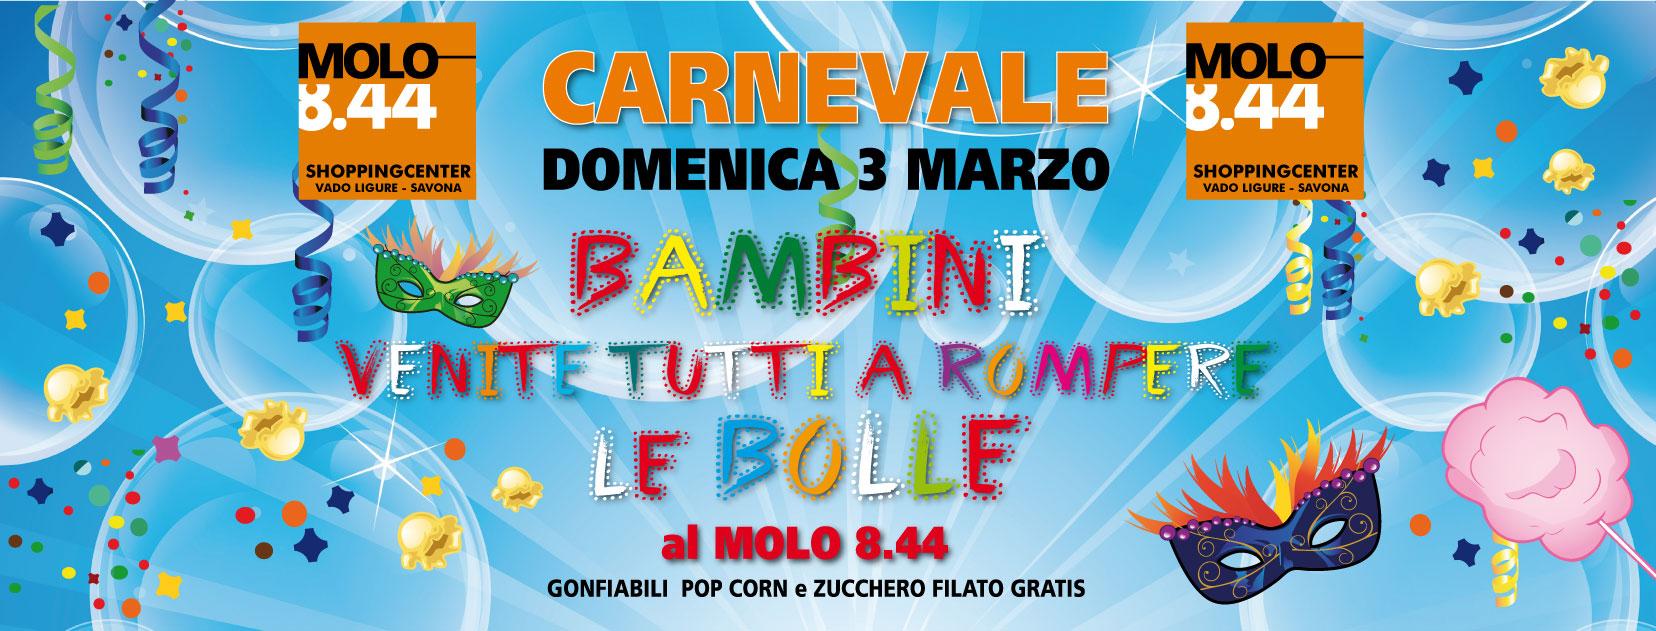 Carnevale al Molo 8.44 !